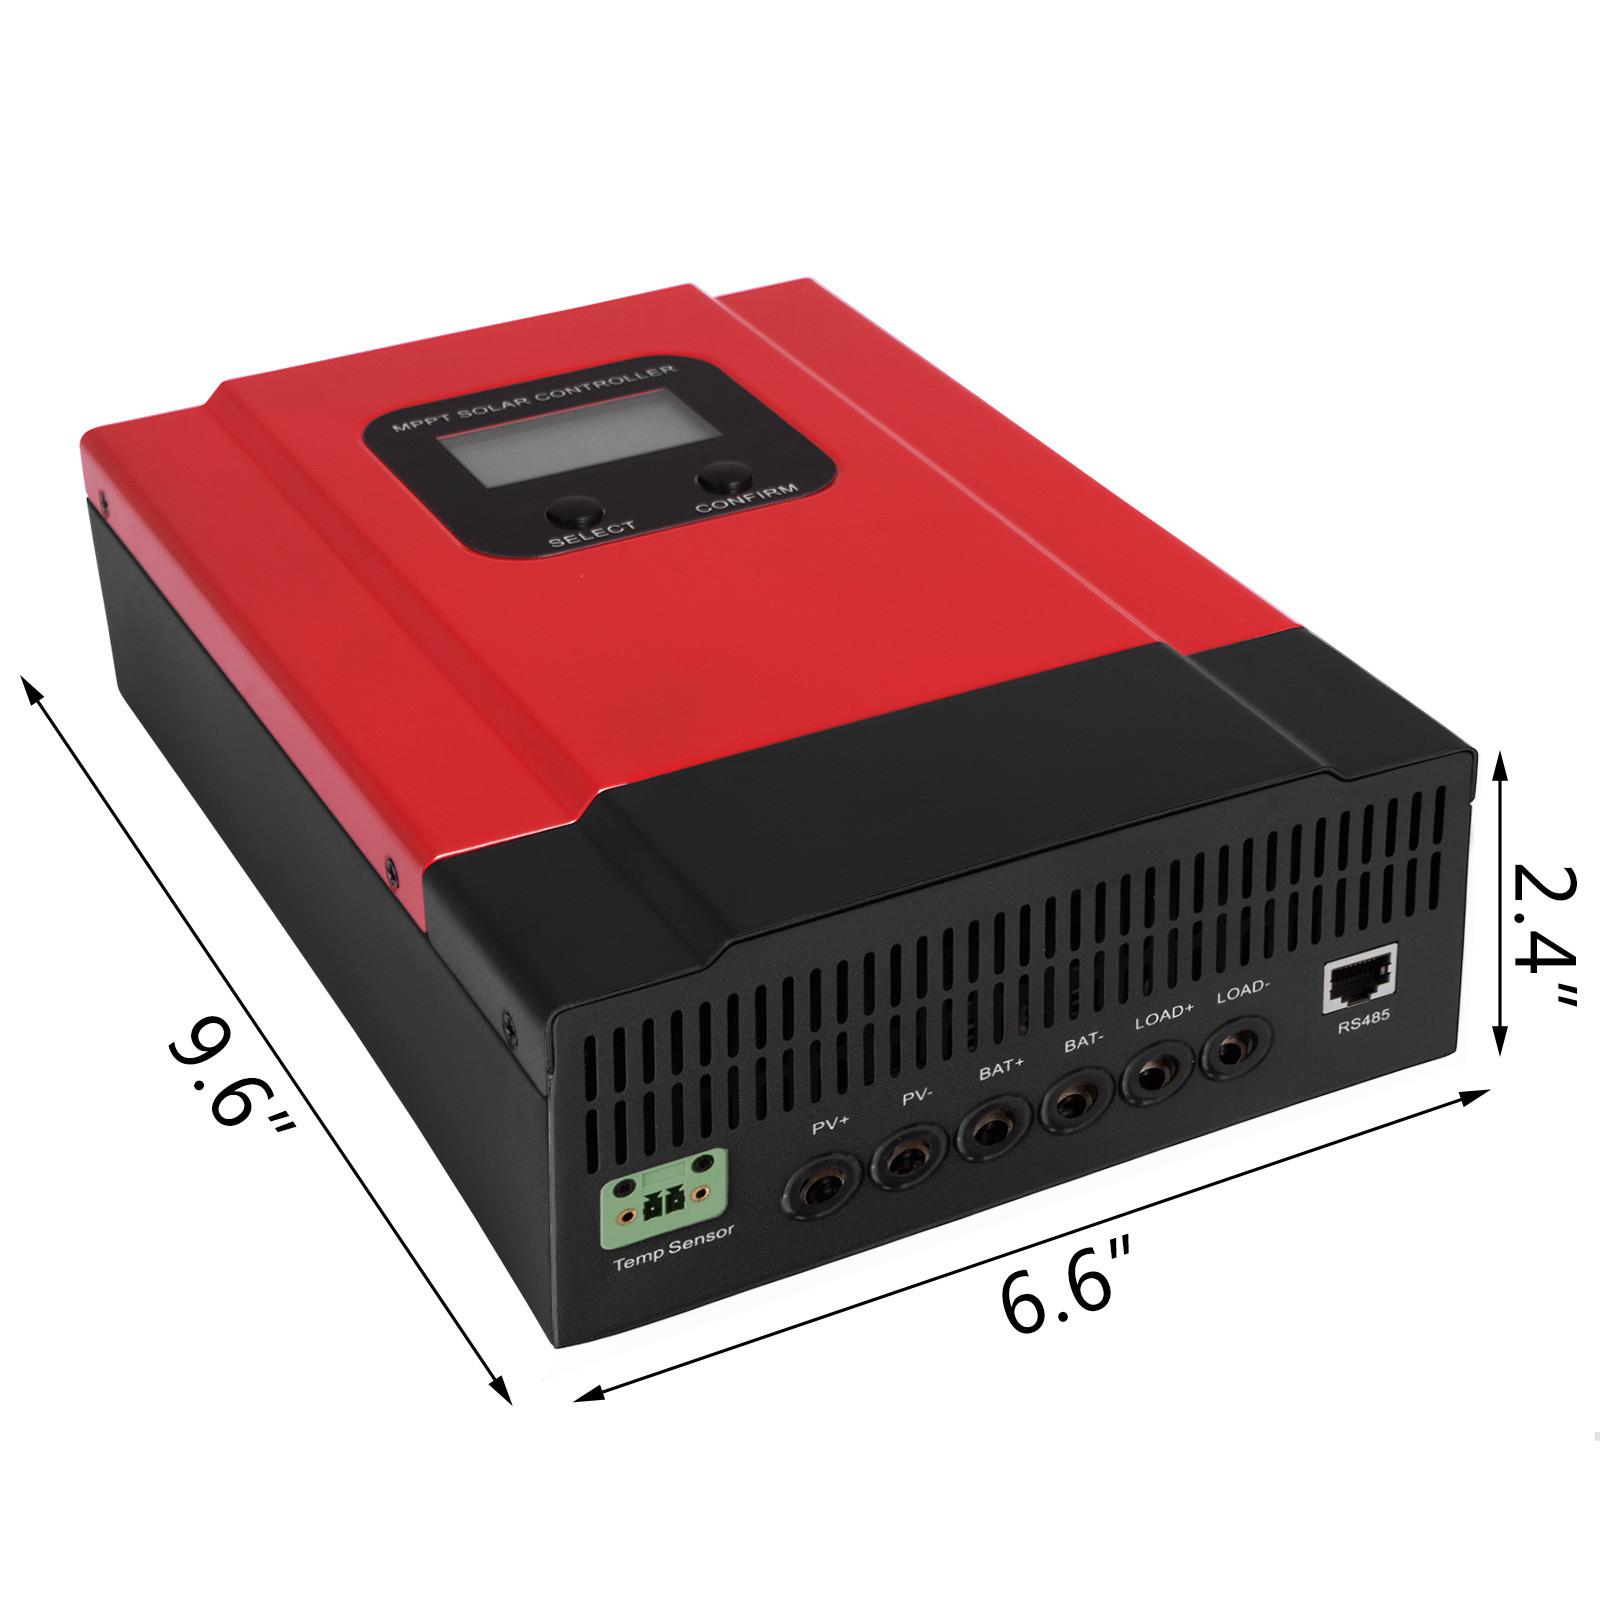 ESMART-3-LCD-40a-50a-60a-12v-24v-36v-48v-MPPT-Solar-Charge-Controller-Regolatore-di-carica miniatura 50